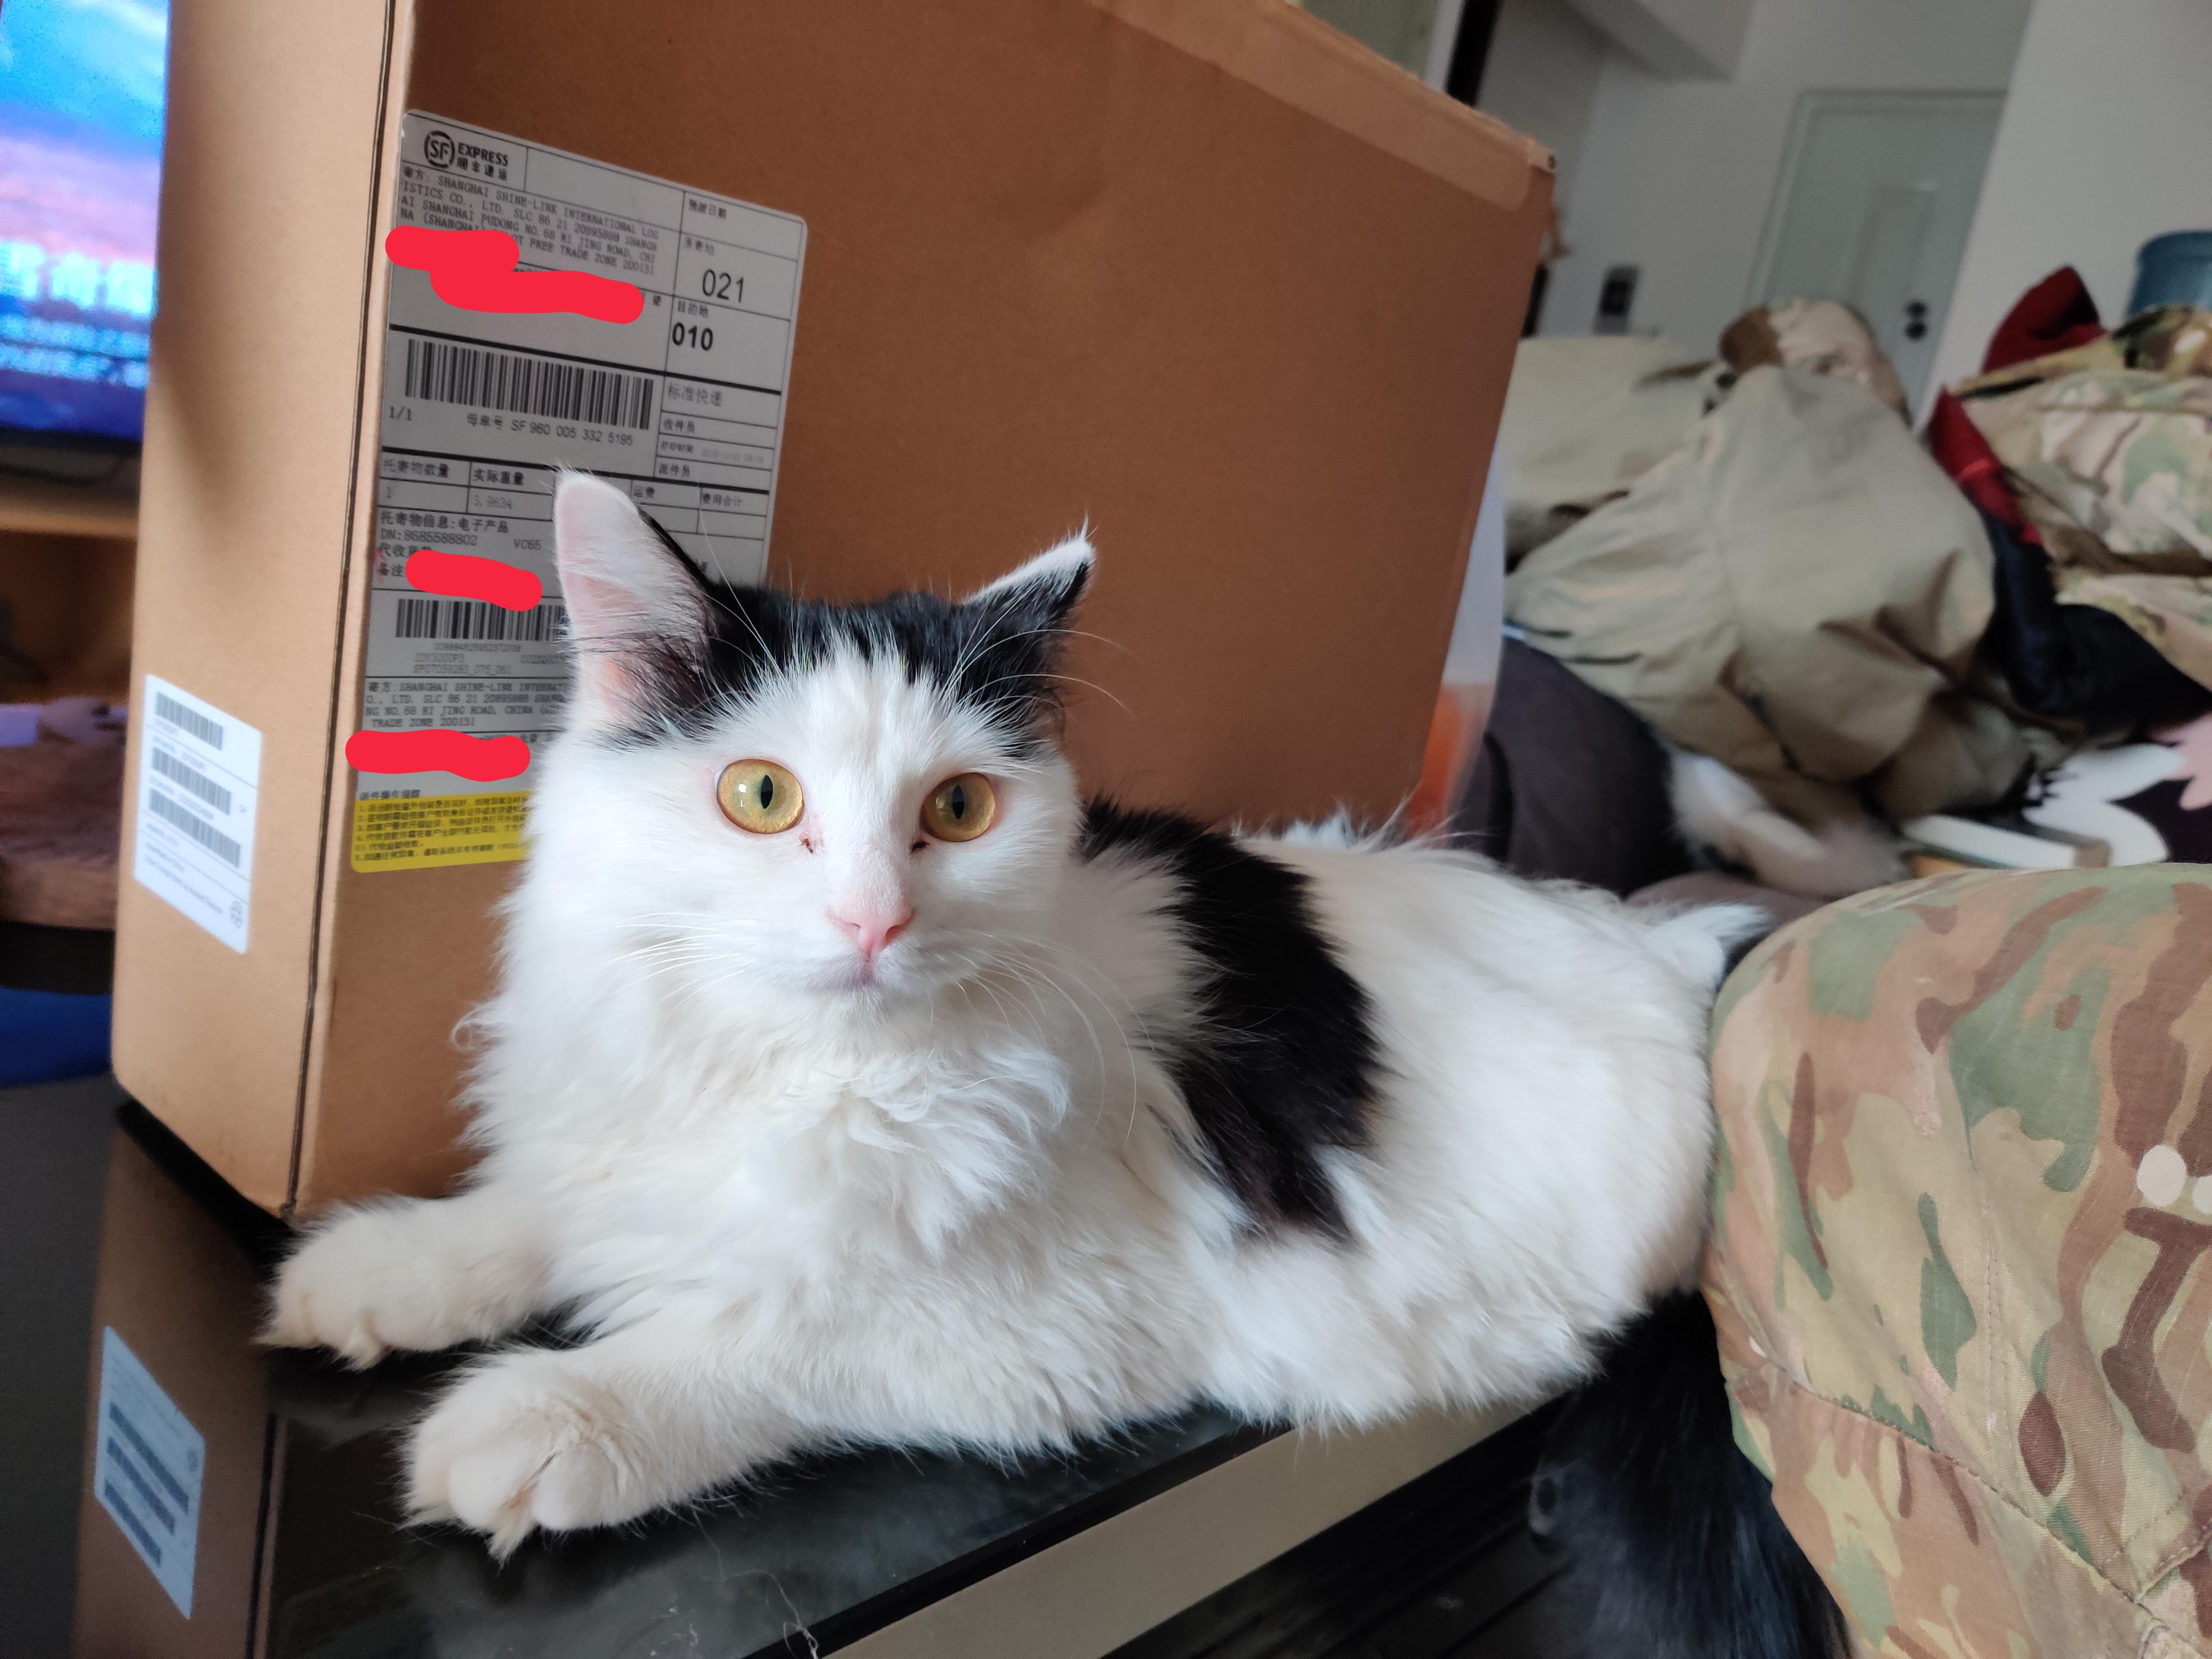 据说献祭一只猫能让电脑用的更久